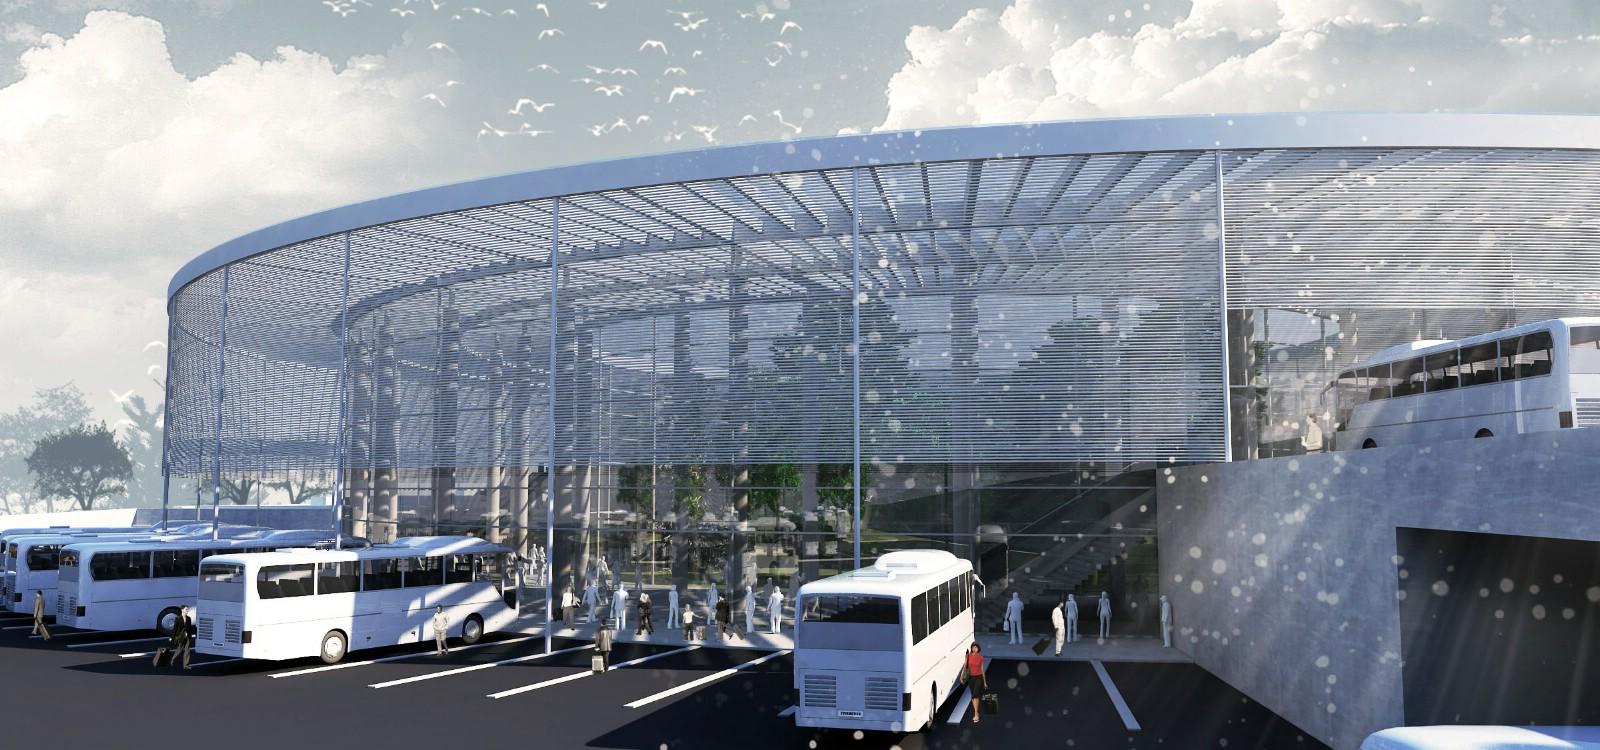 Uşak Belediyesi Otobüs Terminali Projesi Birinci Ekibi: İkikerebir